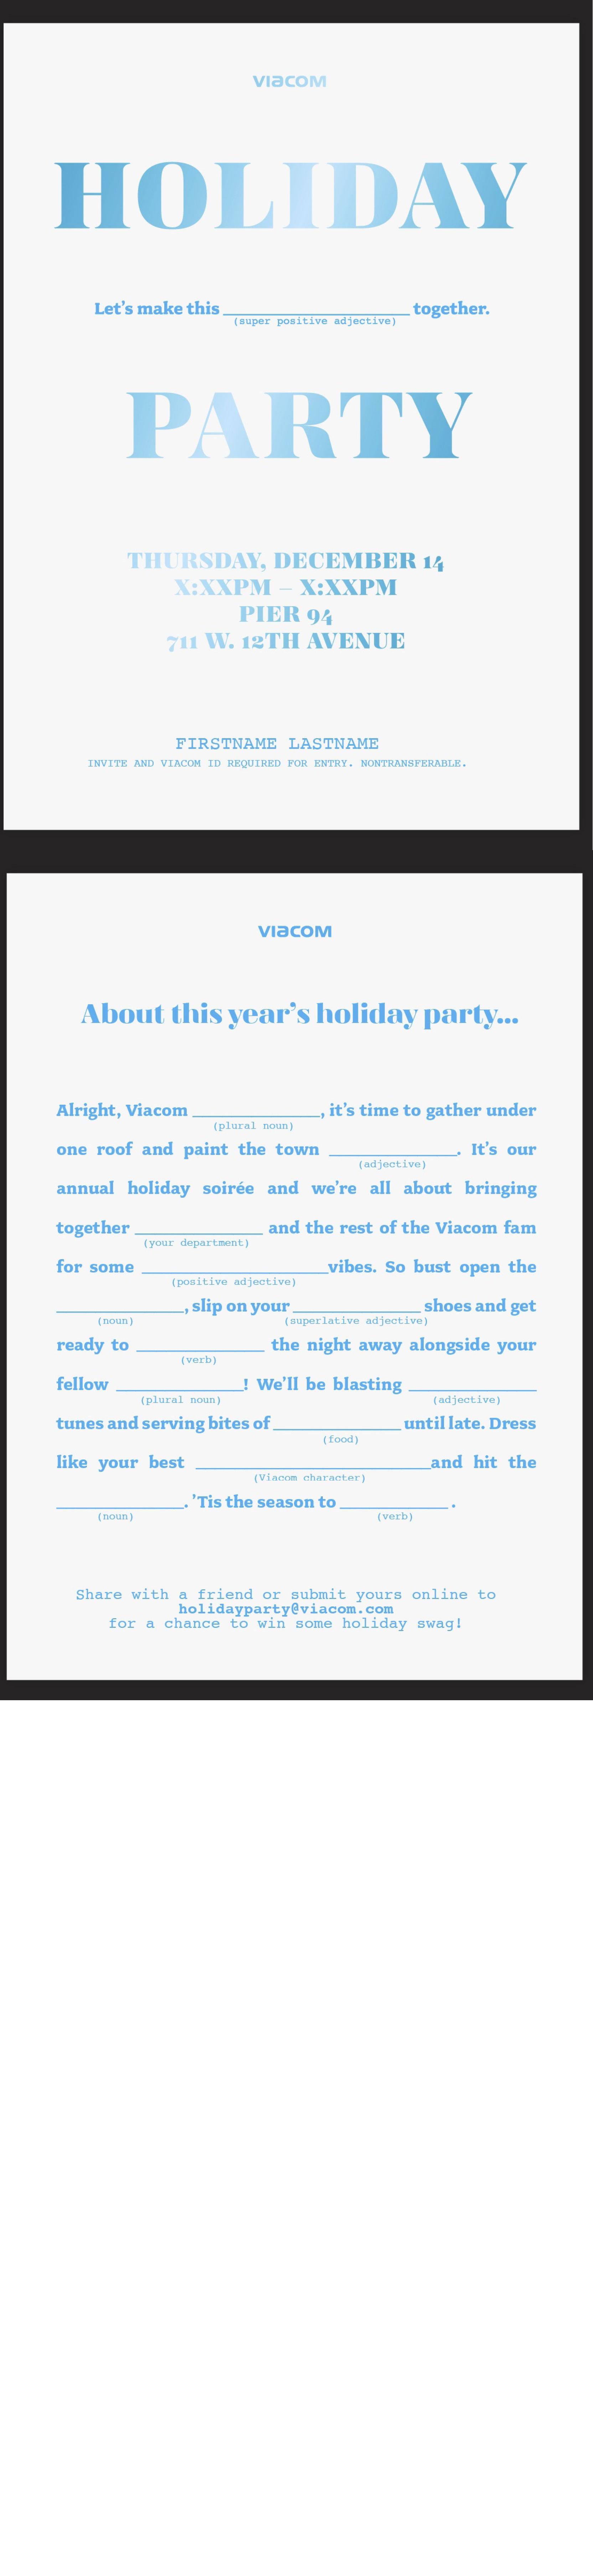 Holiday-Party-Invitation.jpg